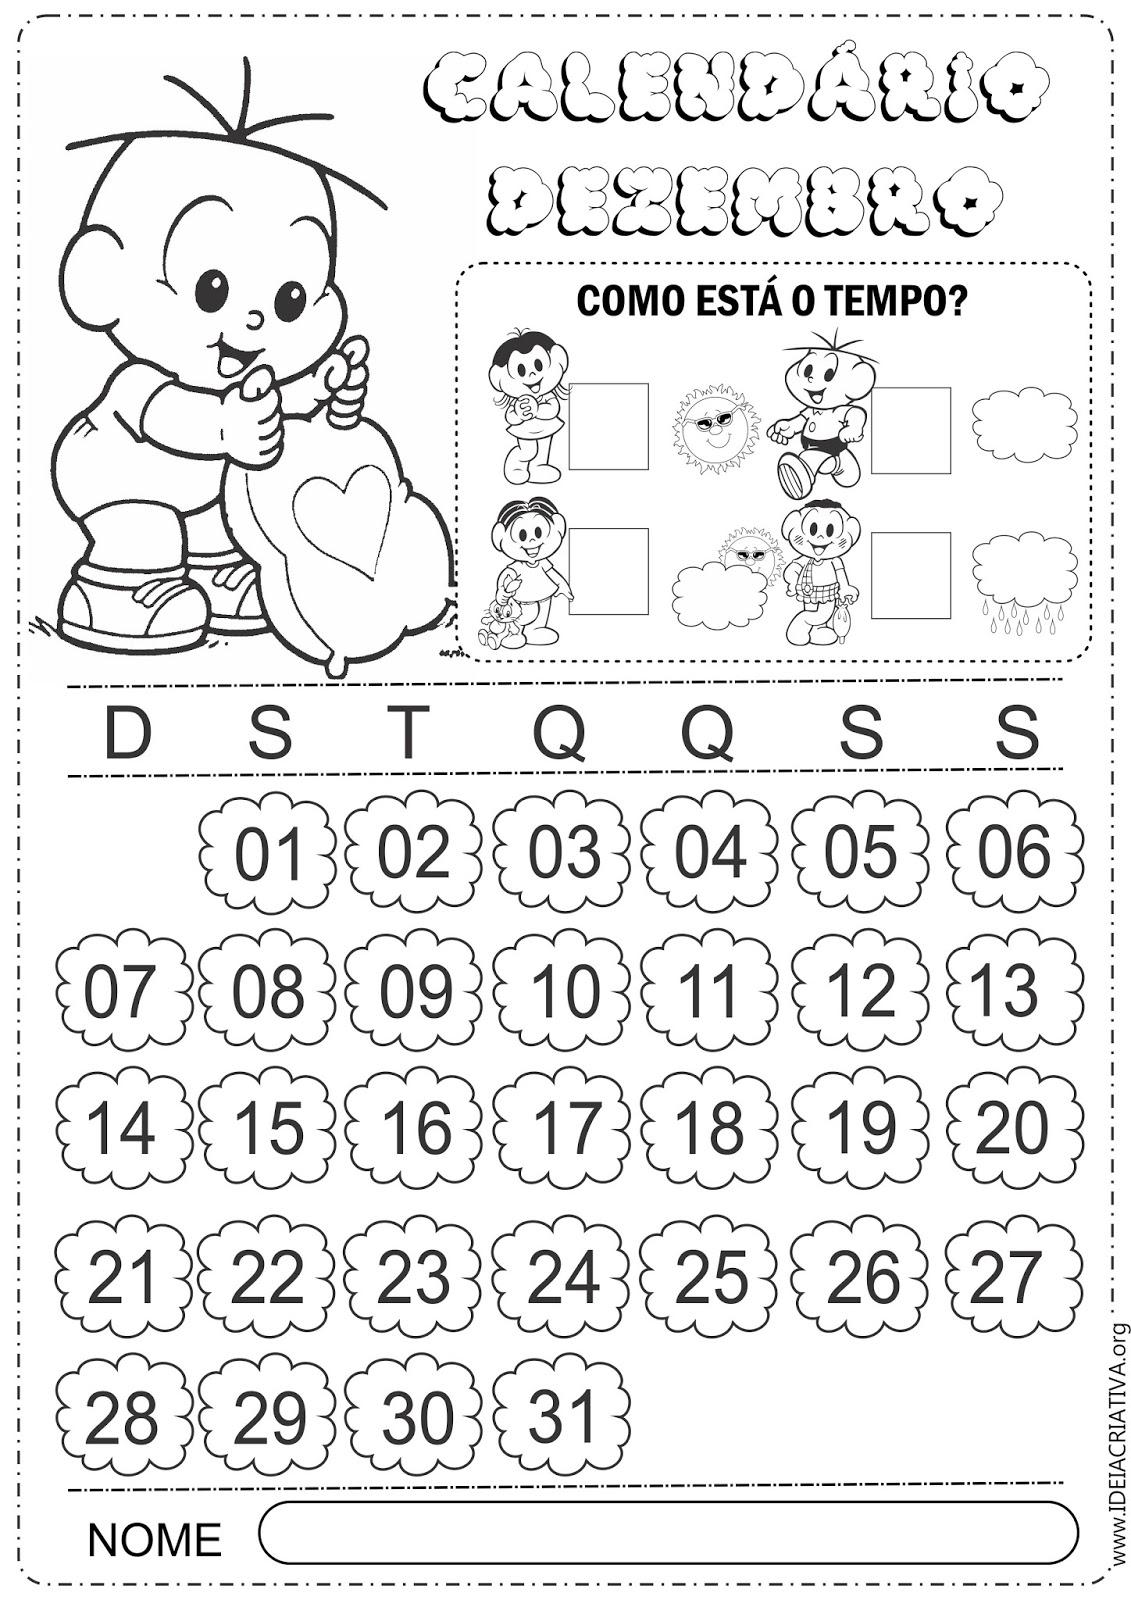 Calendários Dezembro para Imprimir Turma da Mônica Baby 2014